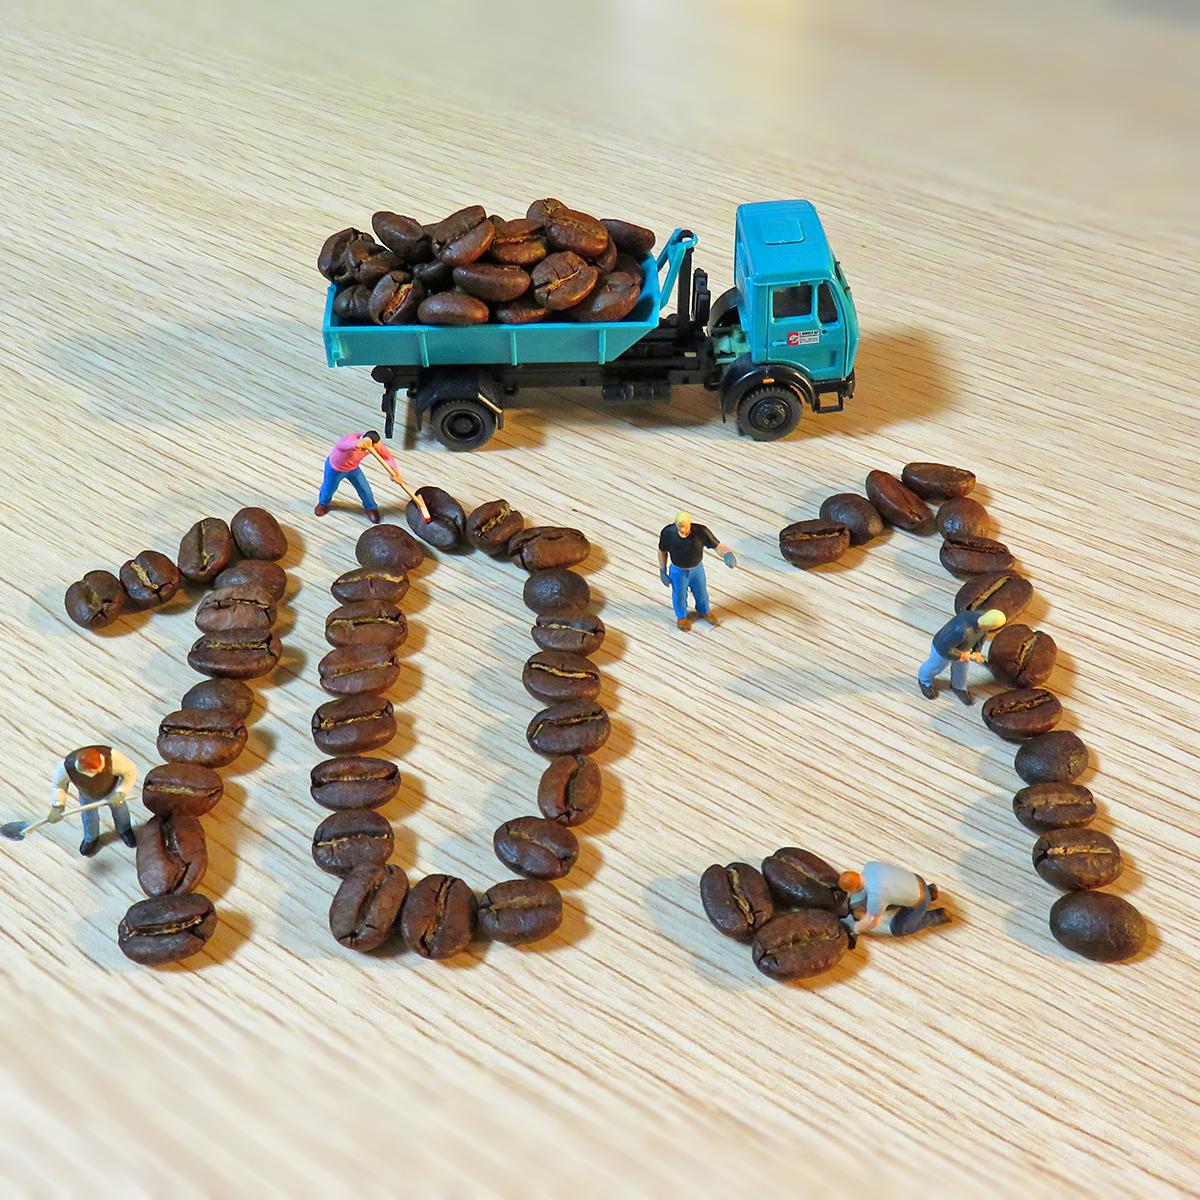 10月1日はコーヒーの日!コーヒー豆を並べて10.1を作る作業員